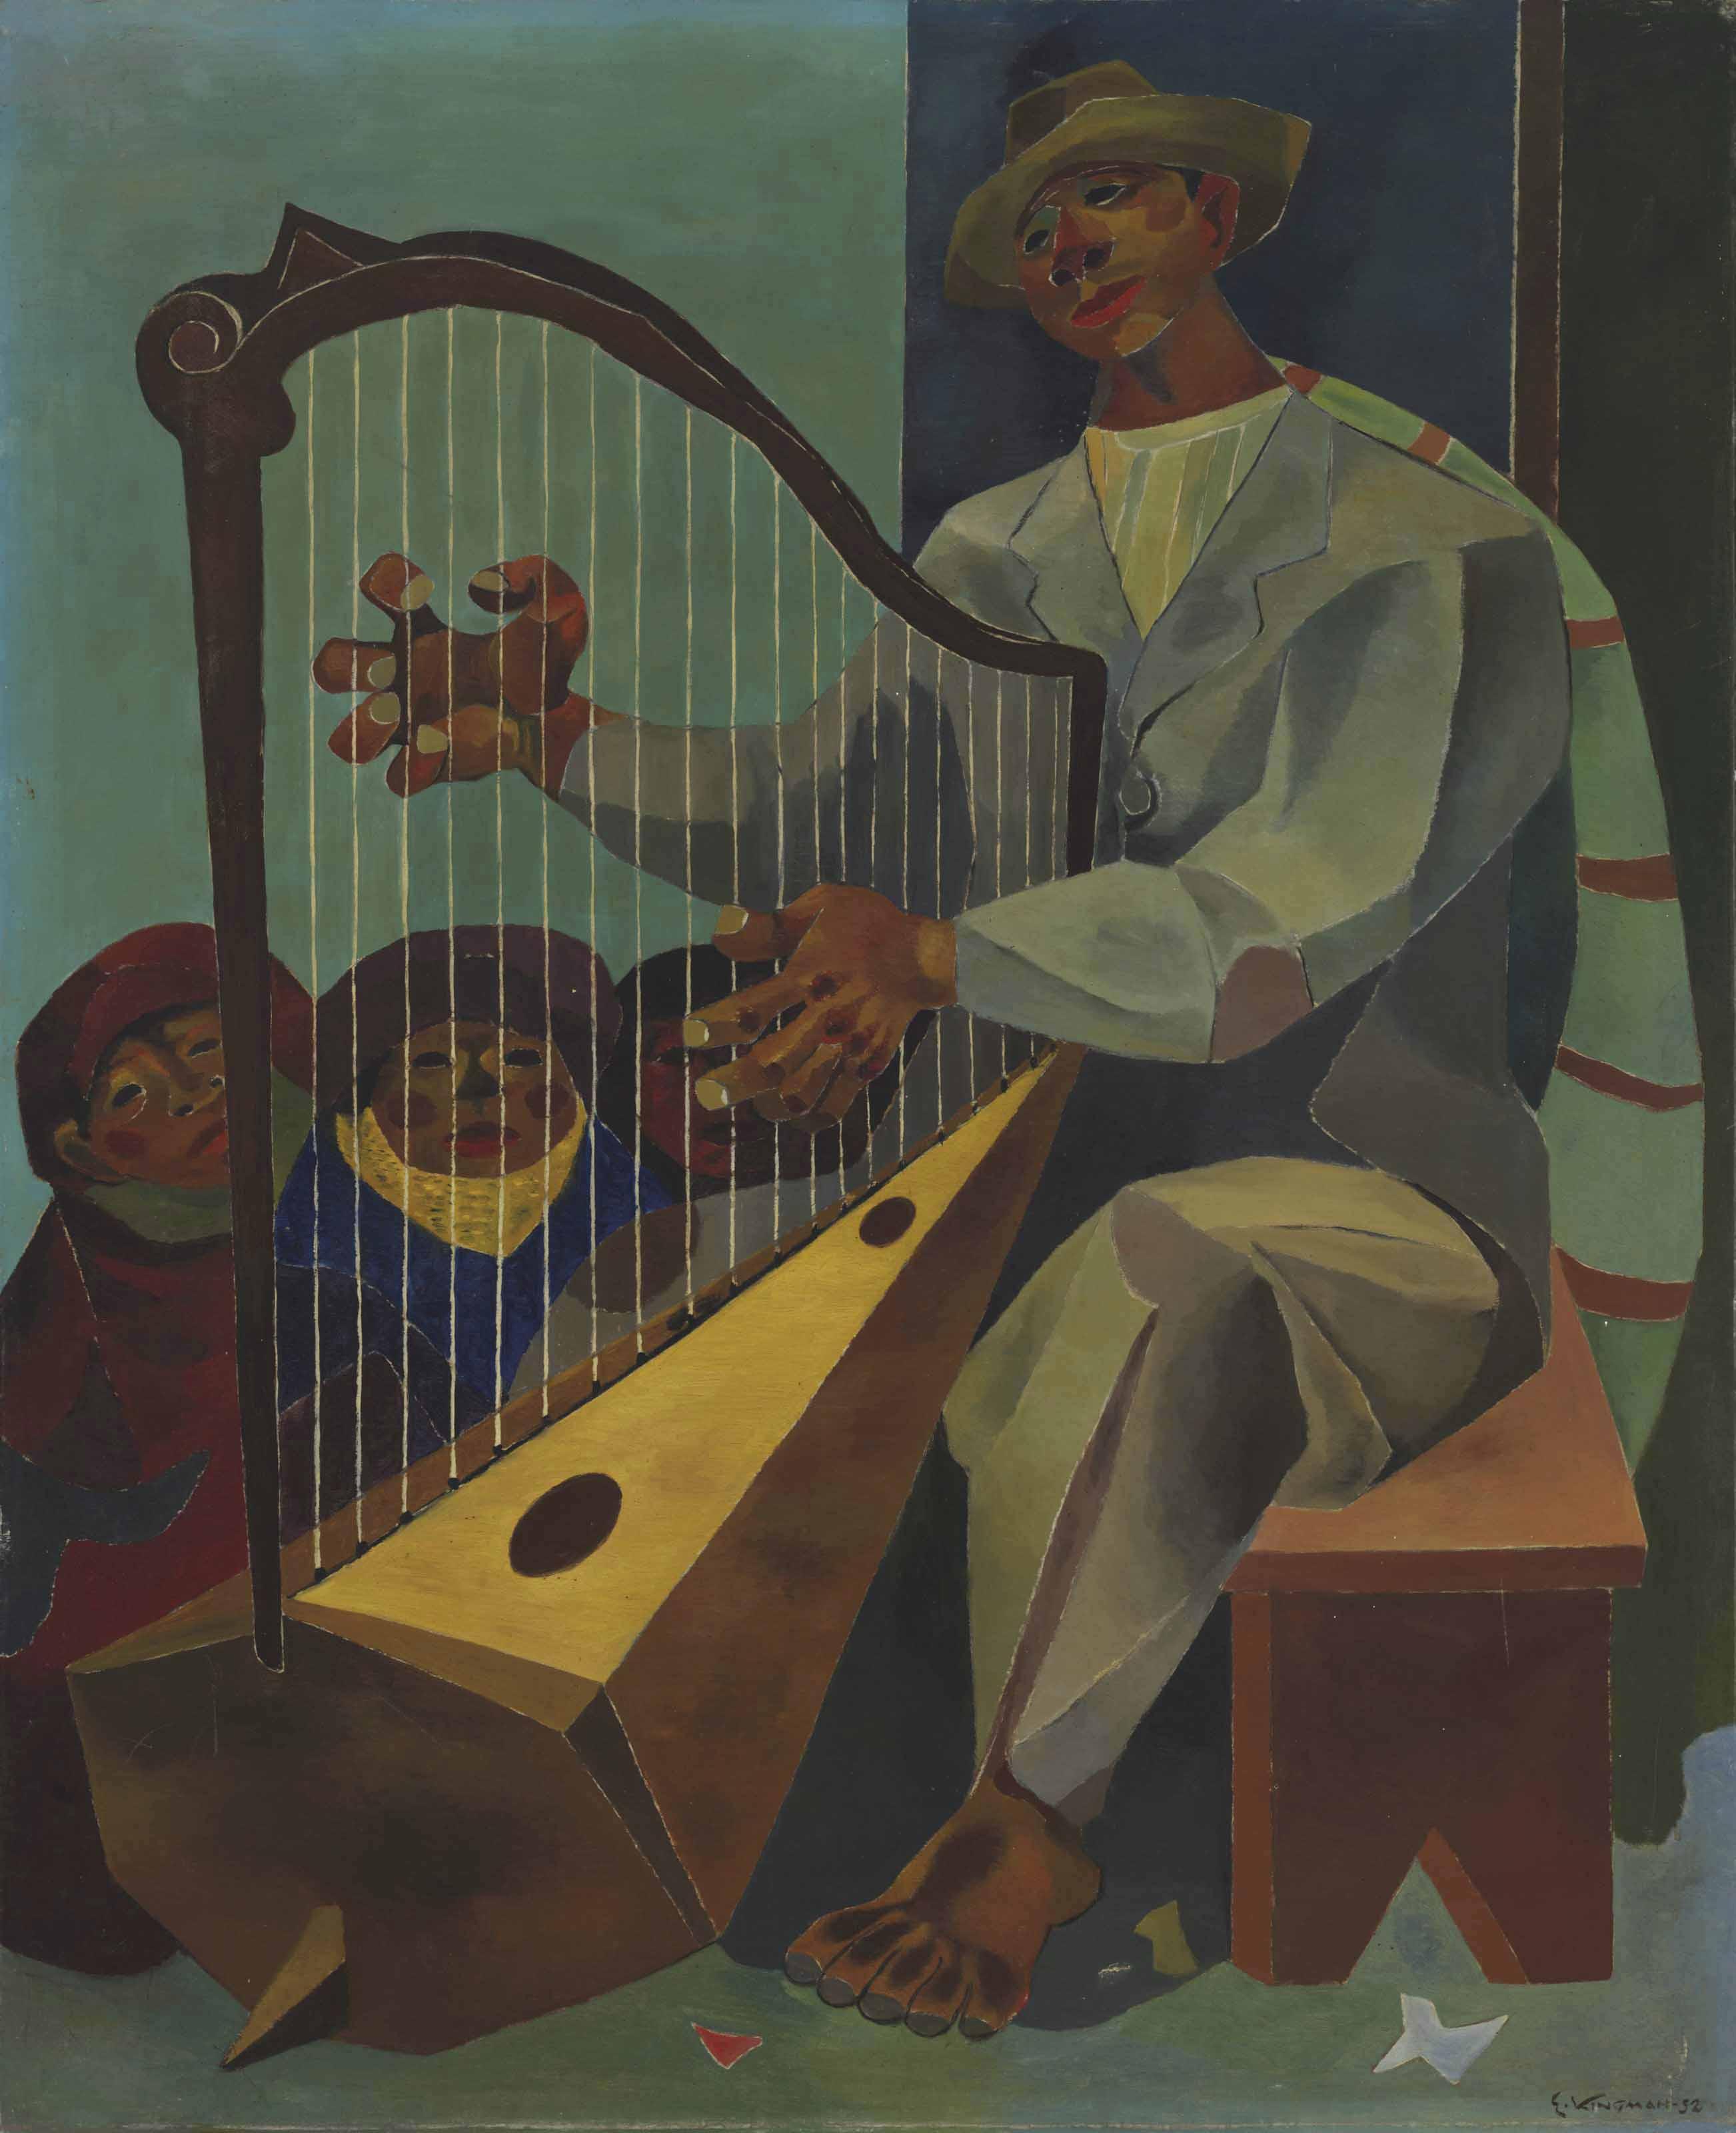 Eduardo Kingman (1913-1997)